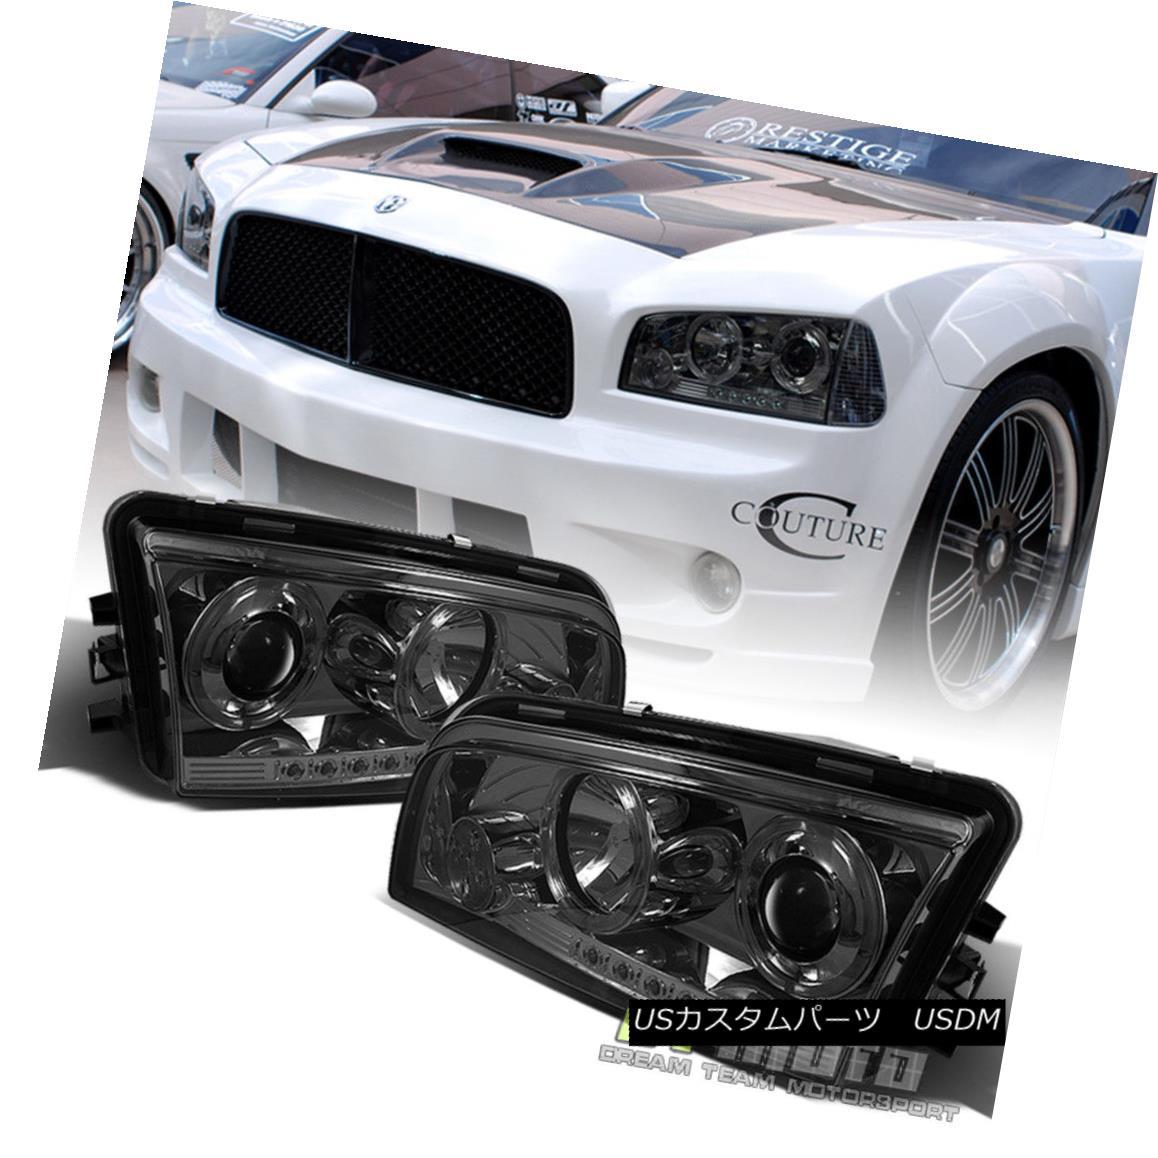 ヘッドライト Smoke 2006-2010 Dodge Charger Dual Halo Projector Led Headlights Lamp Left+Right 煙2006-2010ダッジ充電器デュアルヘイロープロジェクターは、ヘッドライトランプ左+右